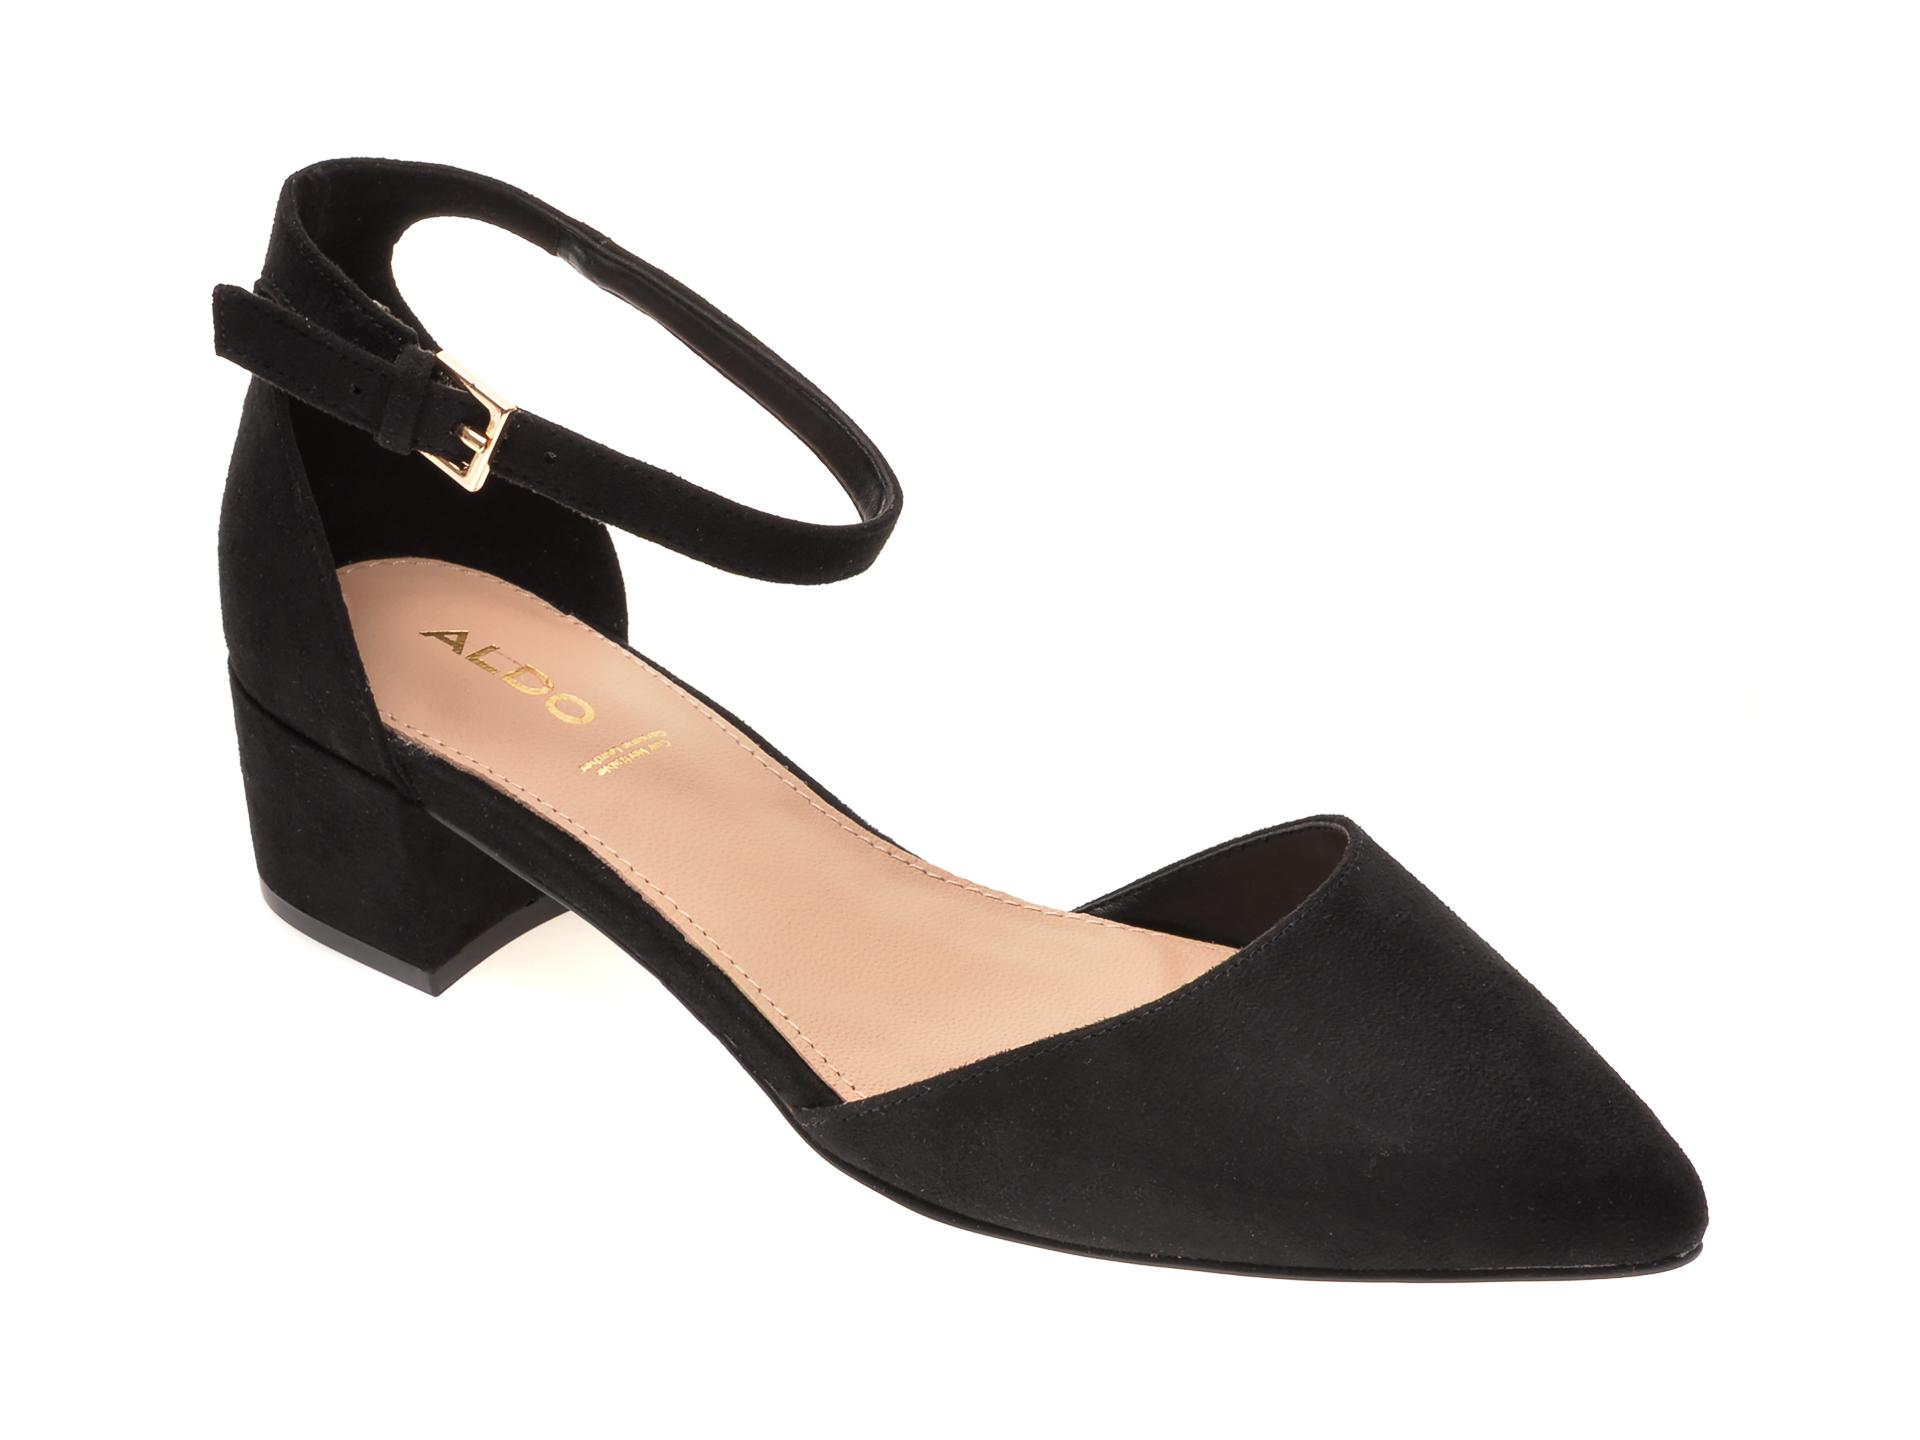 Pantofi ALDO negri, Zulian001, din piele ecologica imagine